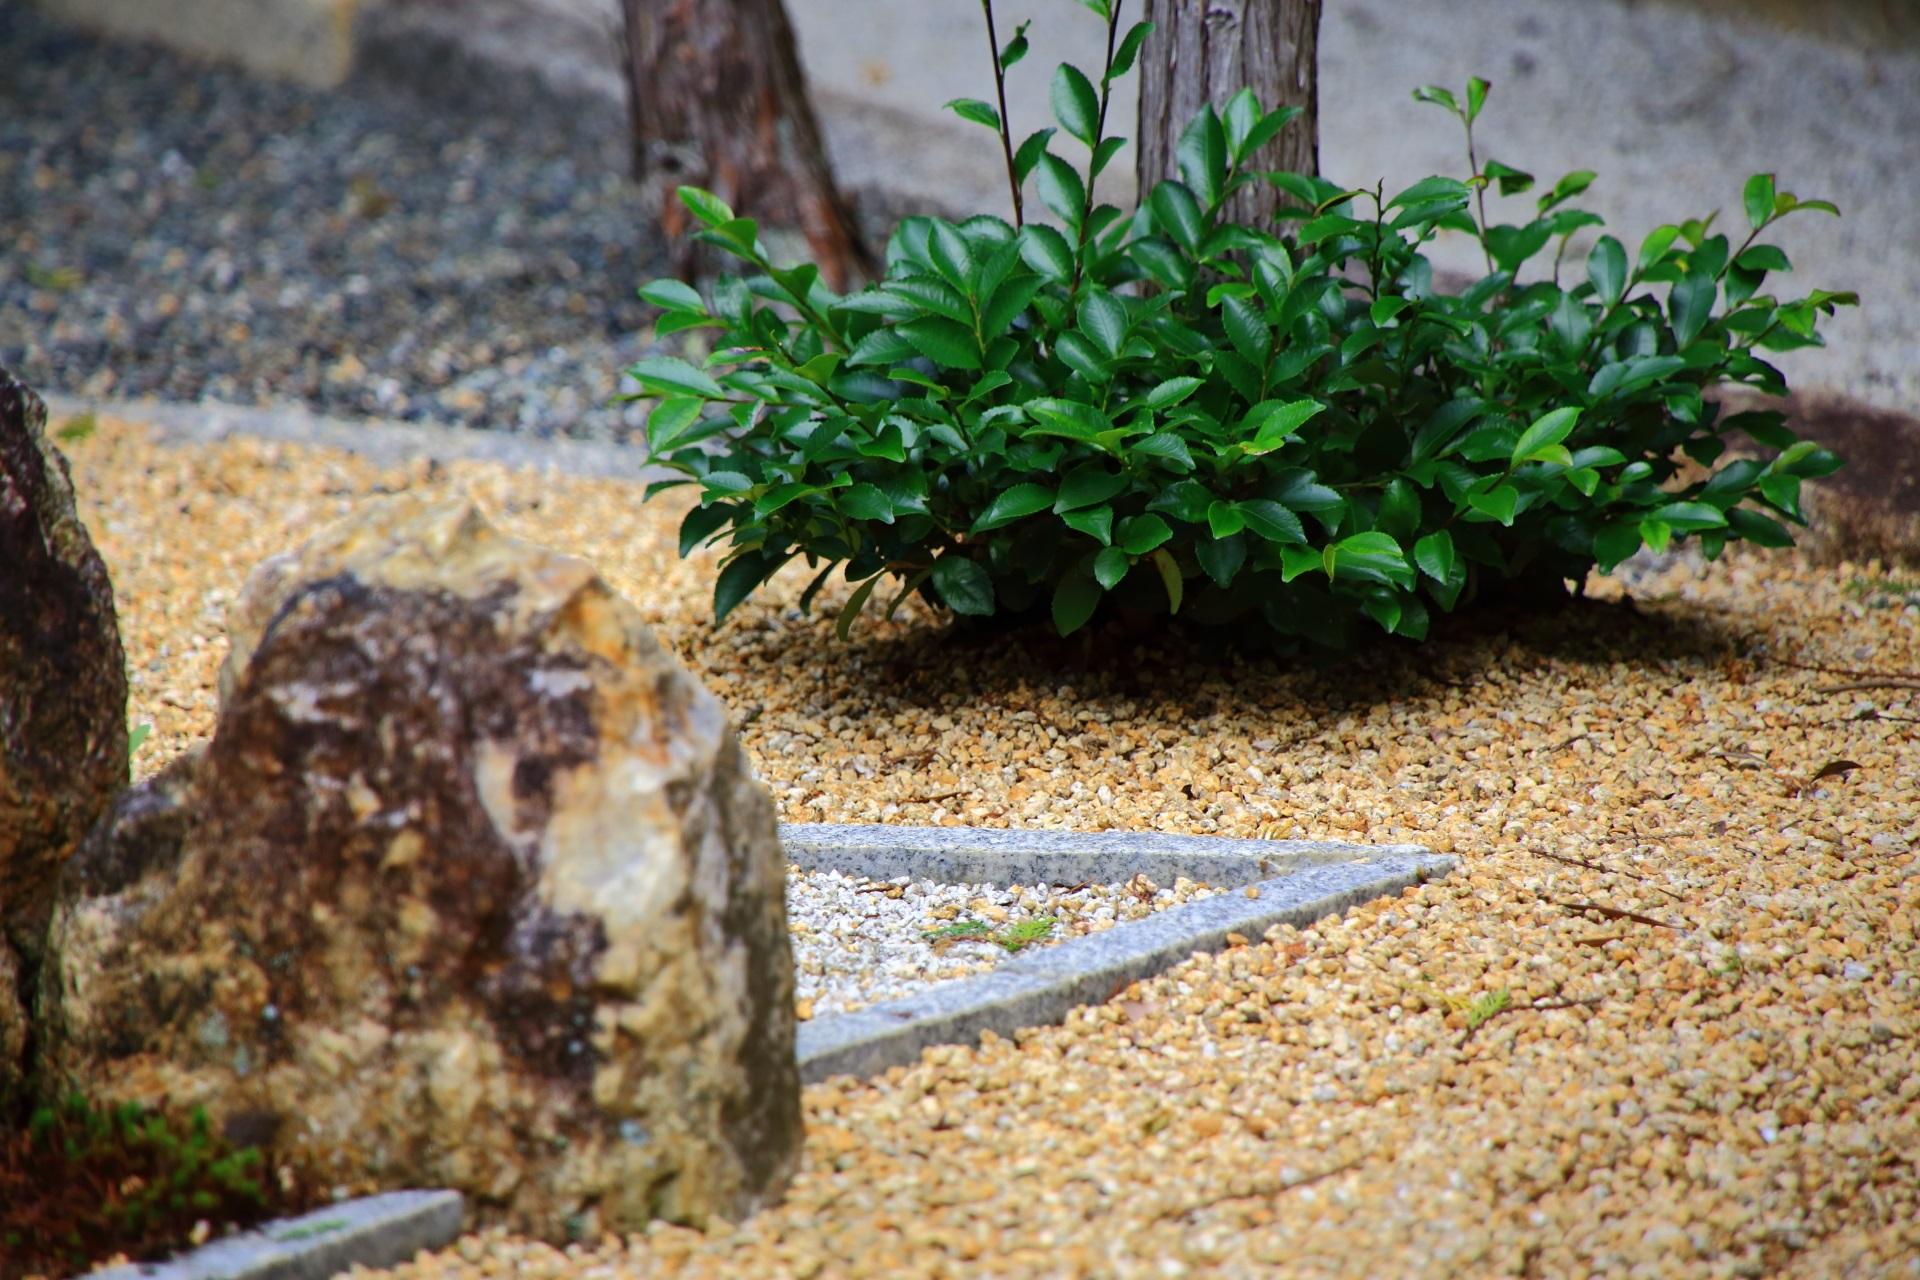 綺麗な緑も植えられた随縁の庭